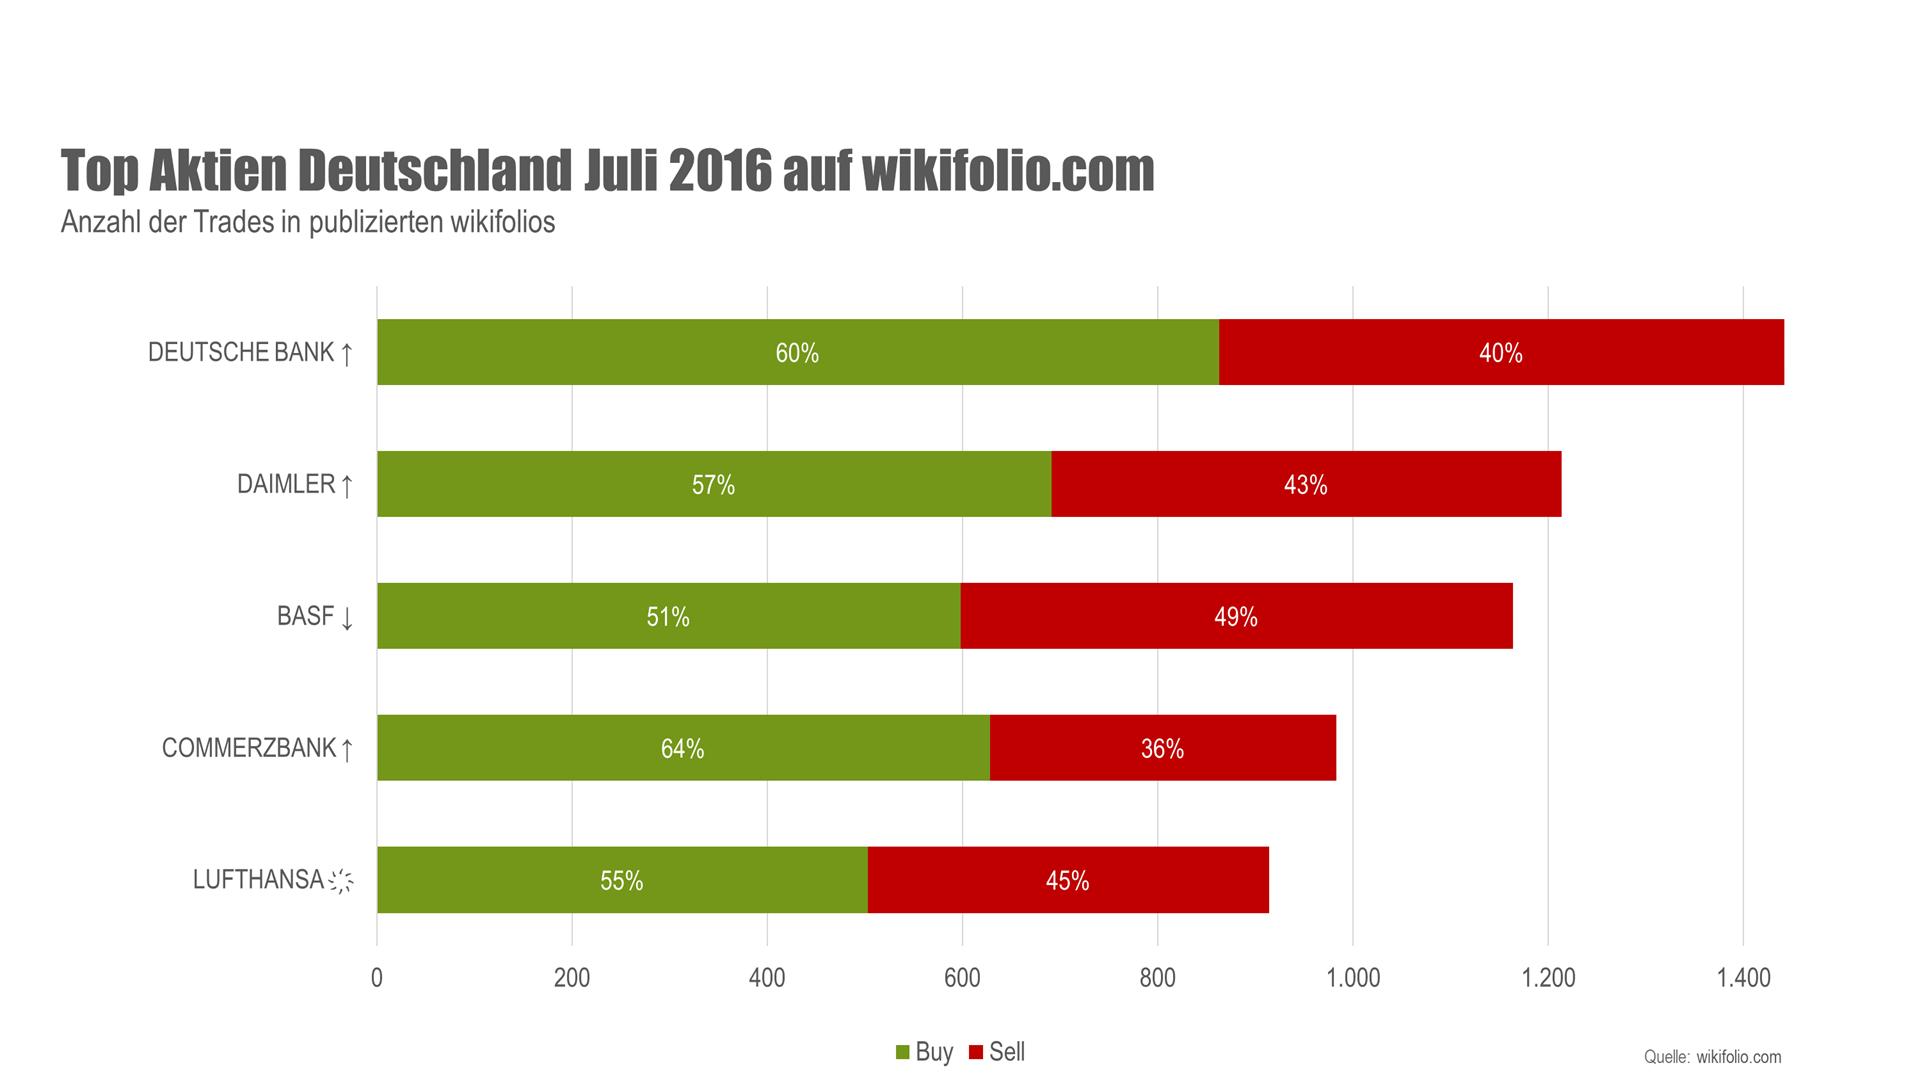 Top-5-Aktien deutsche Aktien auf wikifolio.com